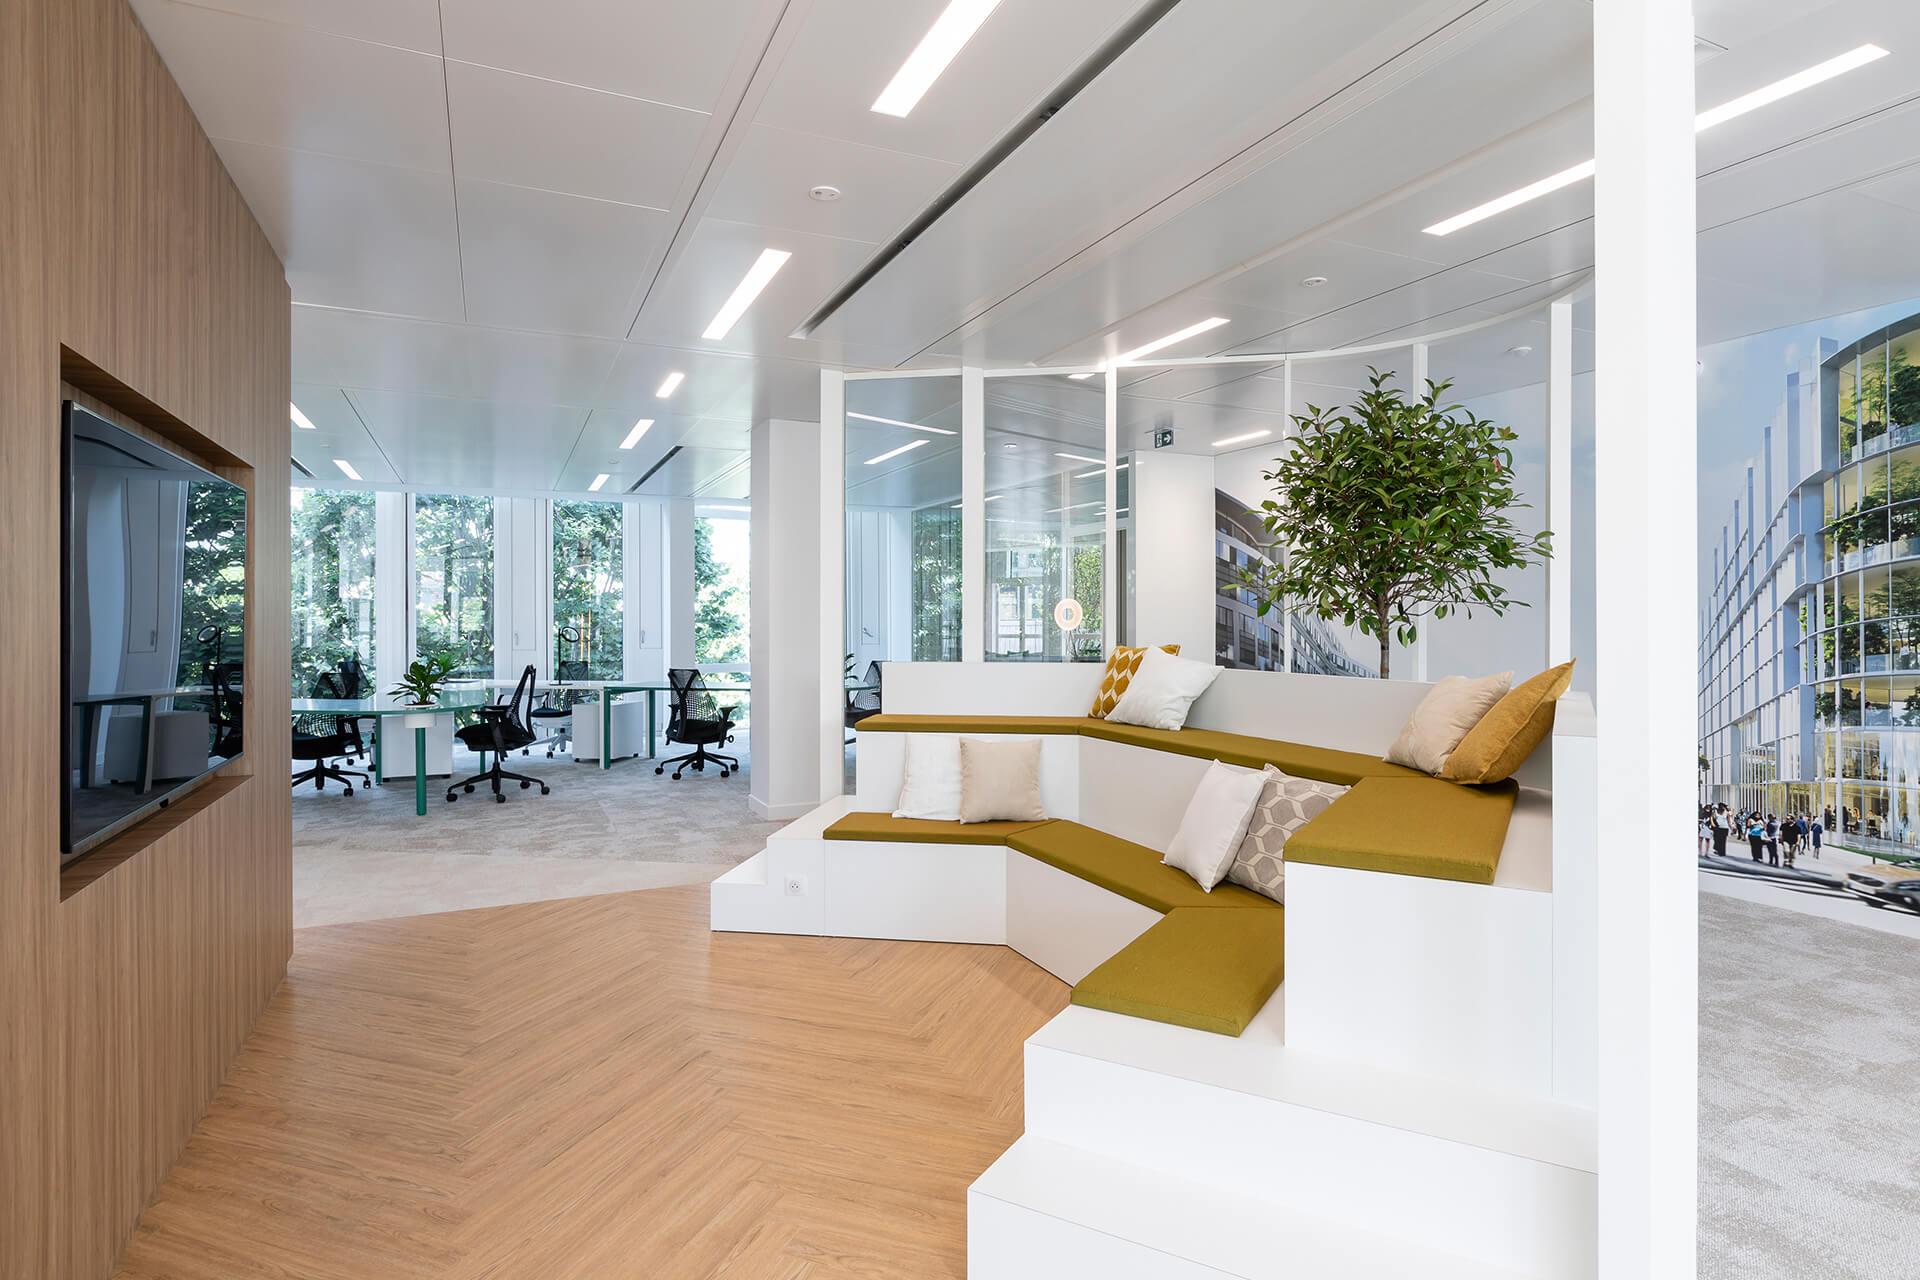 espaço lounge de centro de negócios com acabamentos em madeira de luxo